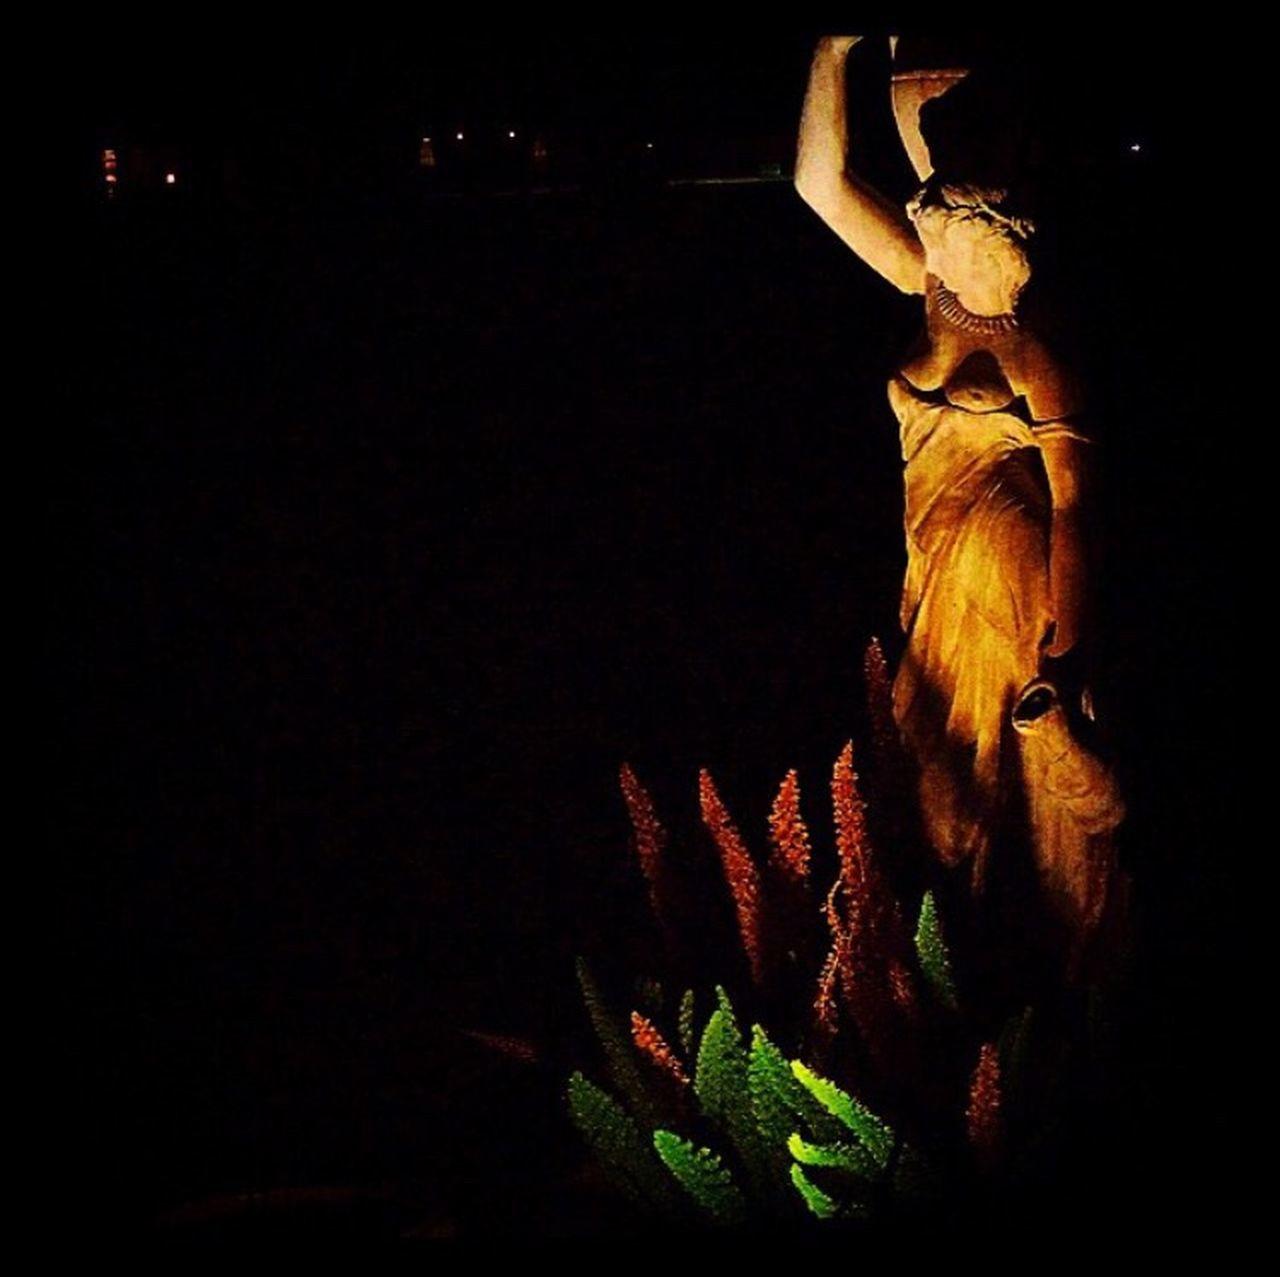 Louisiana Love Backyard Statue Fountain Moms House Artsy